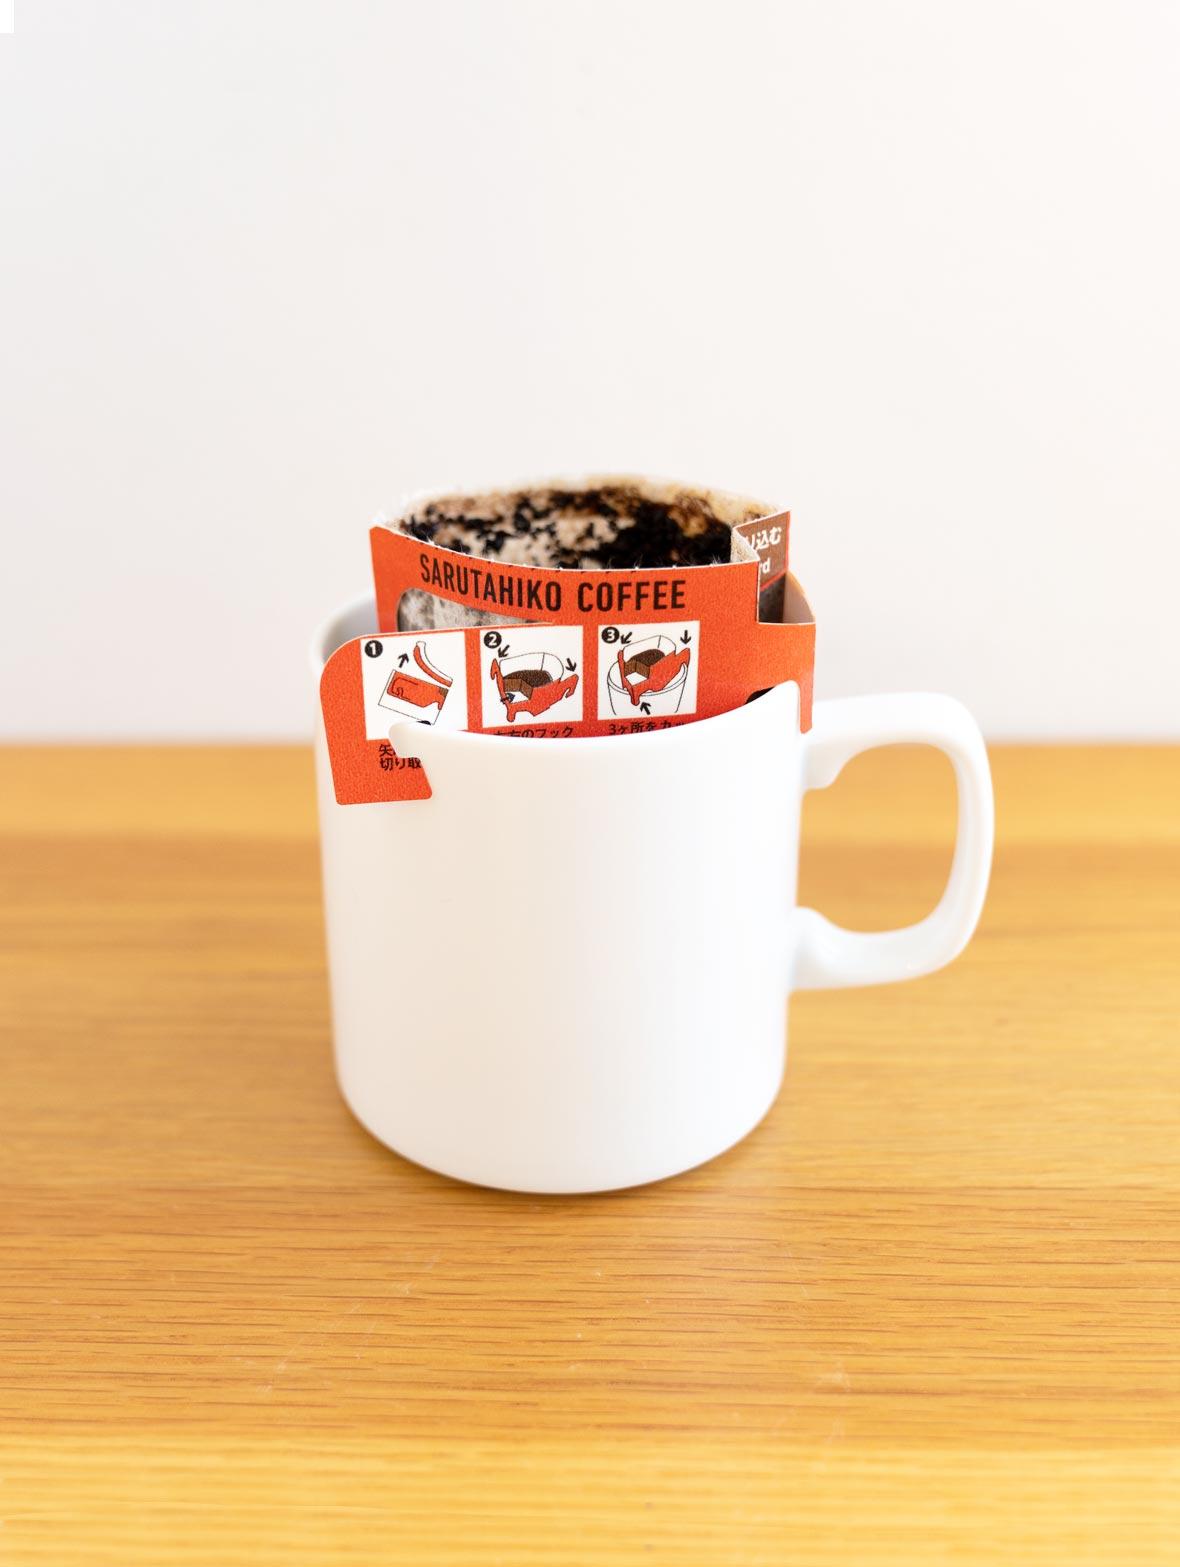 ドリップバッグコーヒー(ドレスアップマイキーシリーズ)(5枚入り)